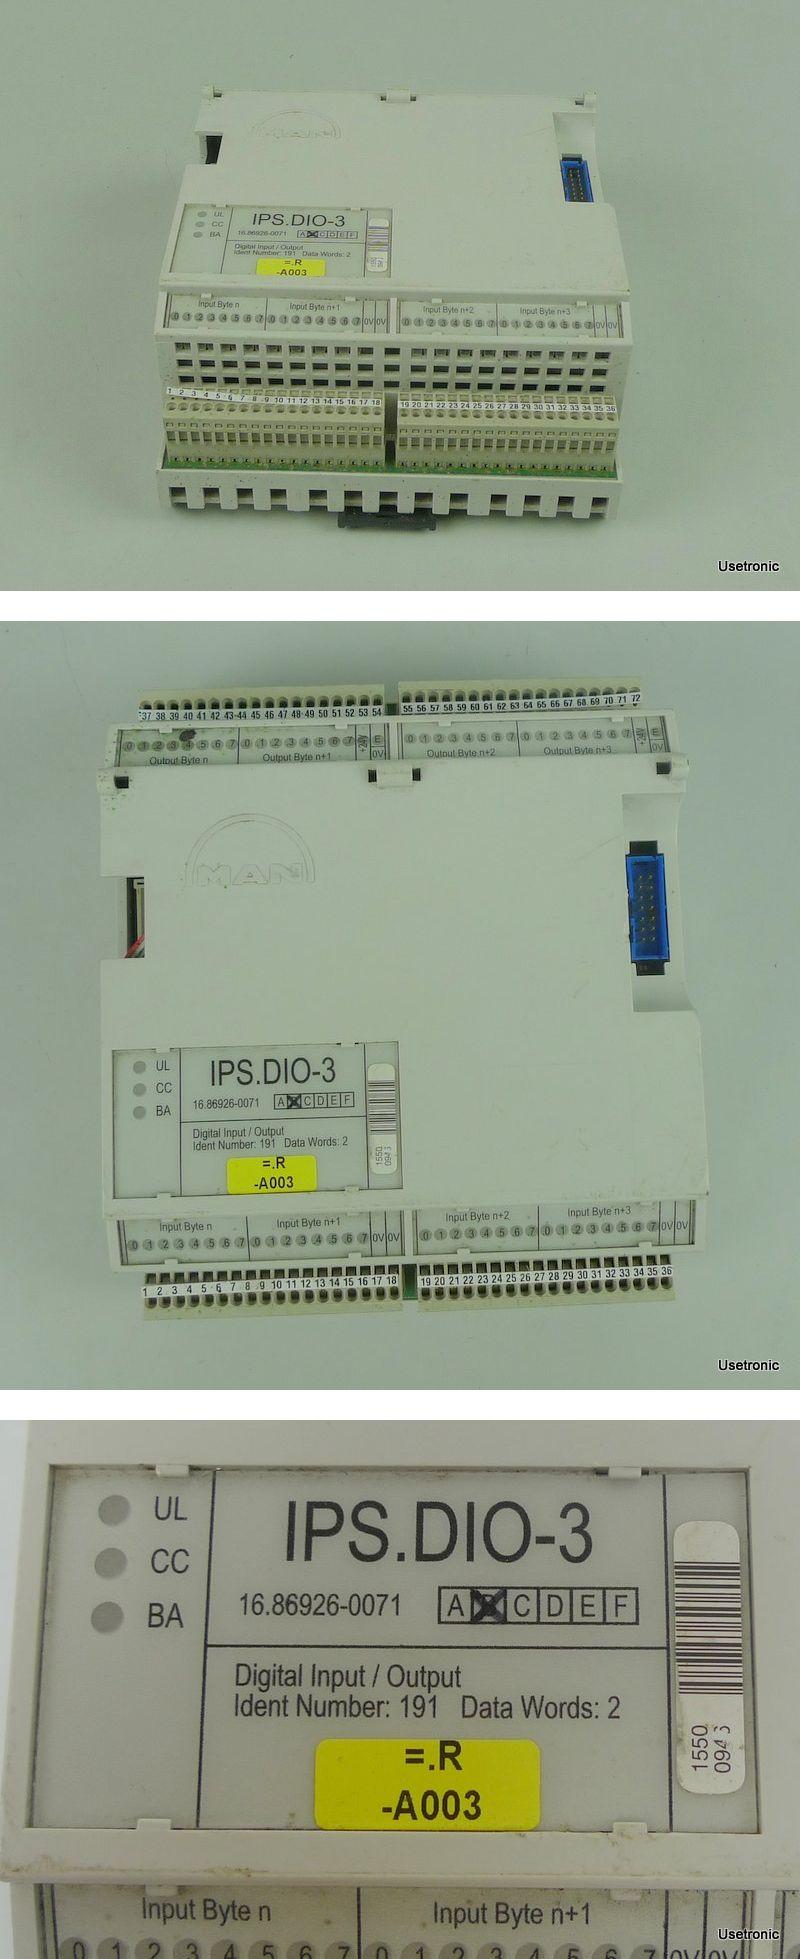 MAN Roland IPS.DIO-3 16.86926-0071